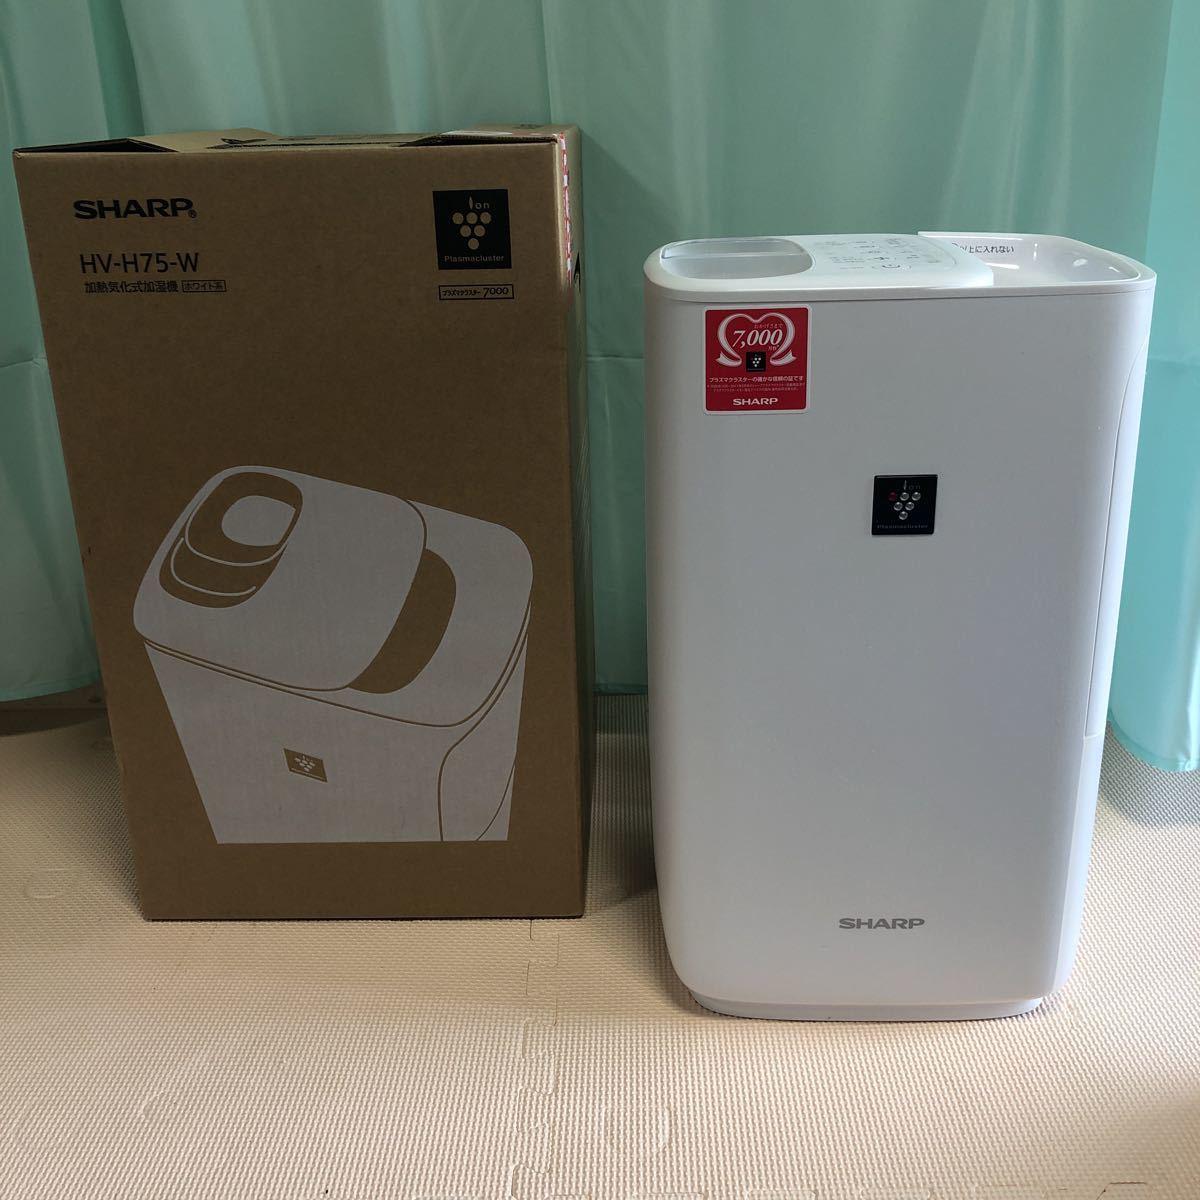 N3 美品!シャープ ハイブリッド式 加湿器 21畳 プラズマクラスター SHARP HV-H75-W 2018年製